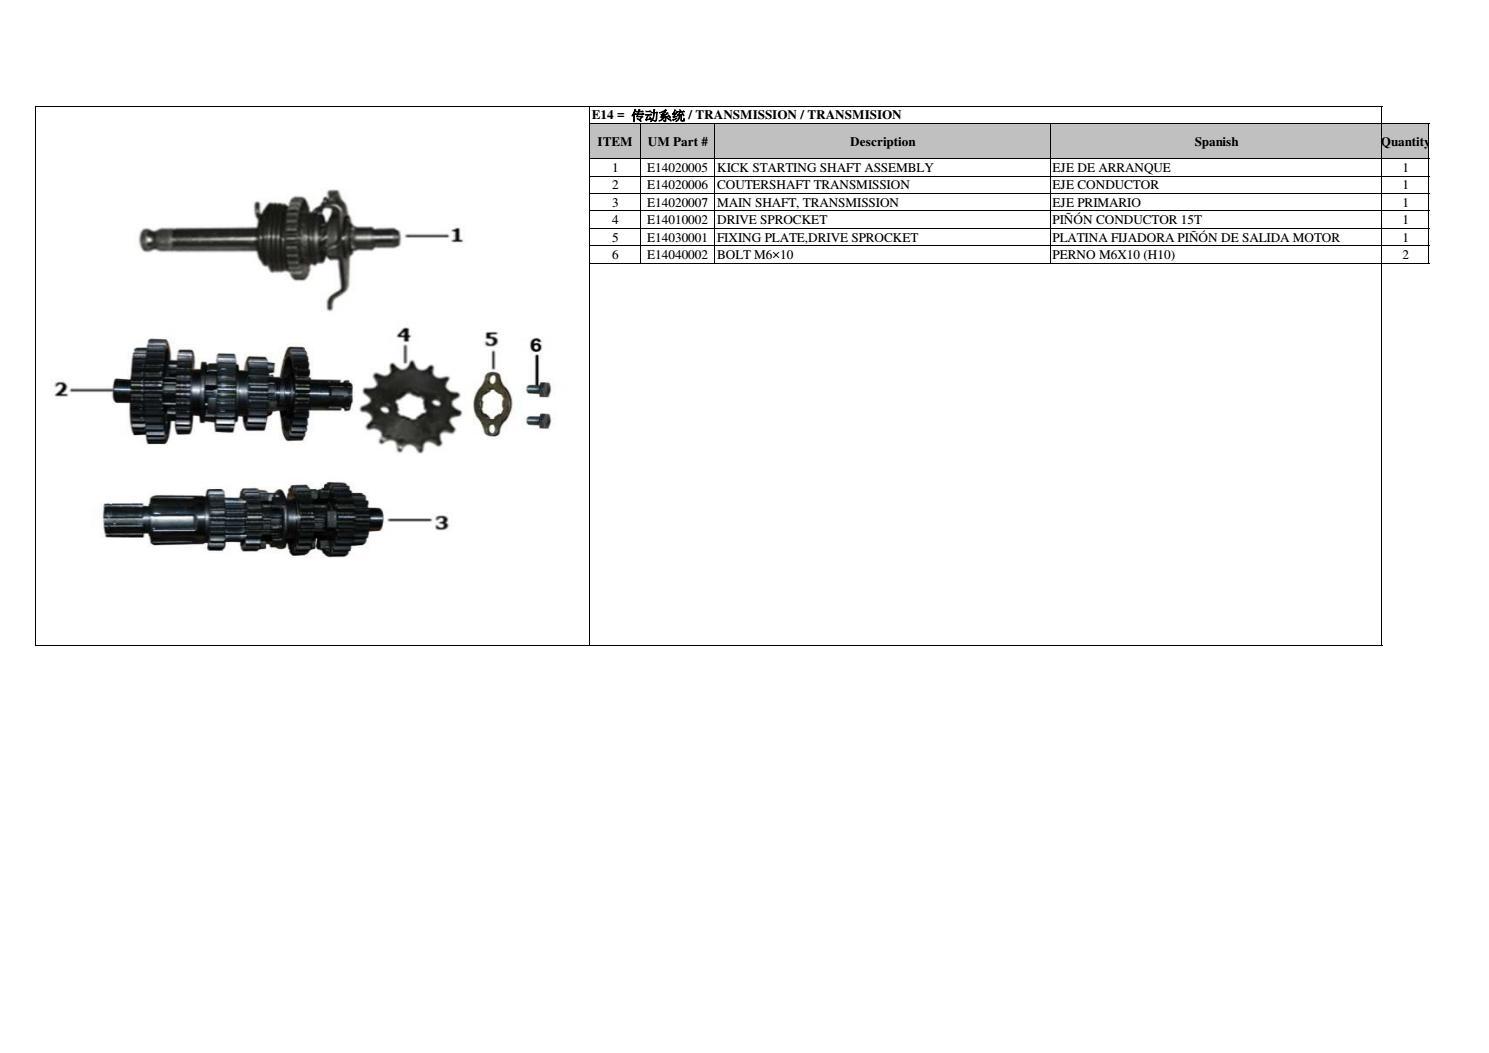 Platina Diagram Motor | Diagrama de fiação elétrica